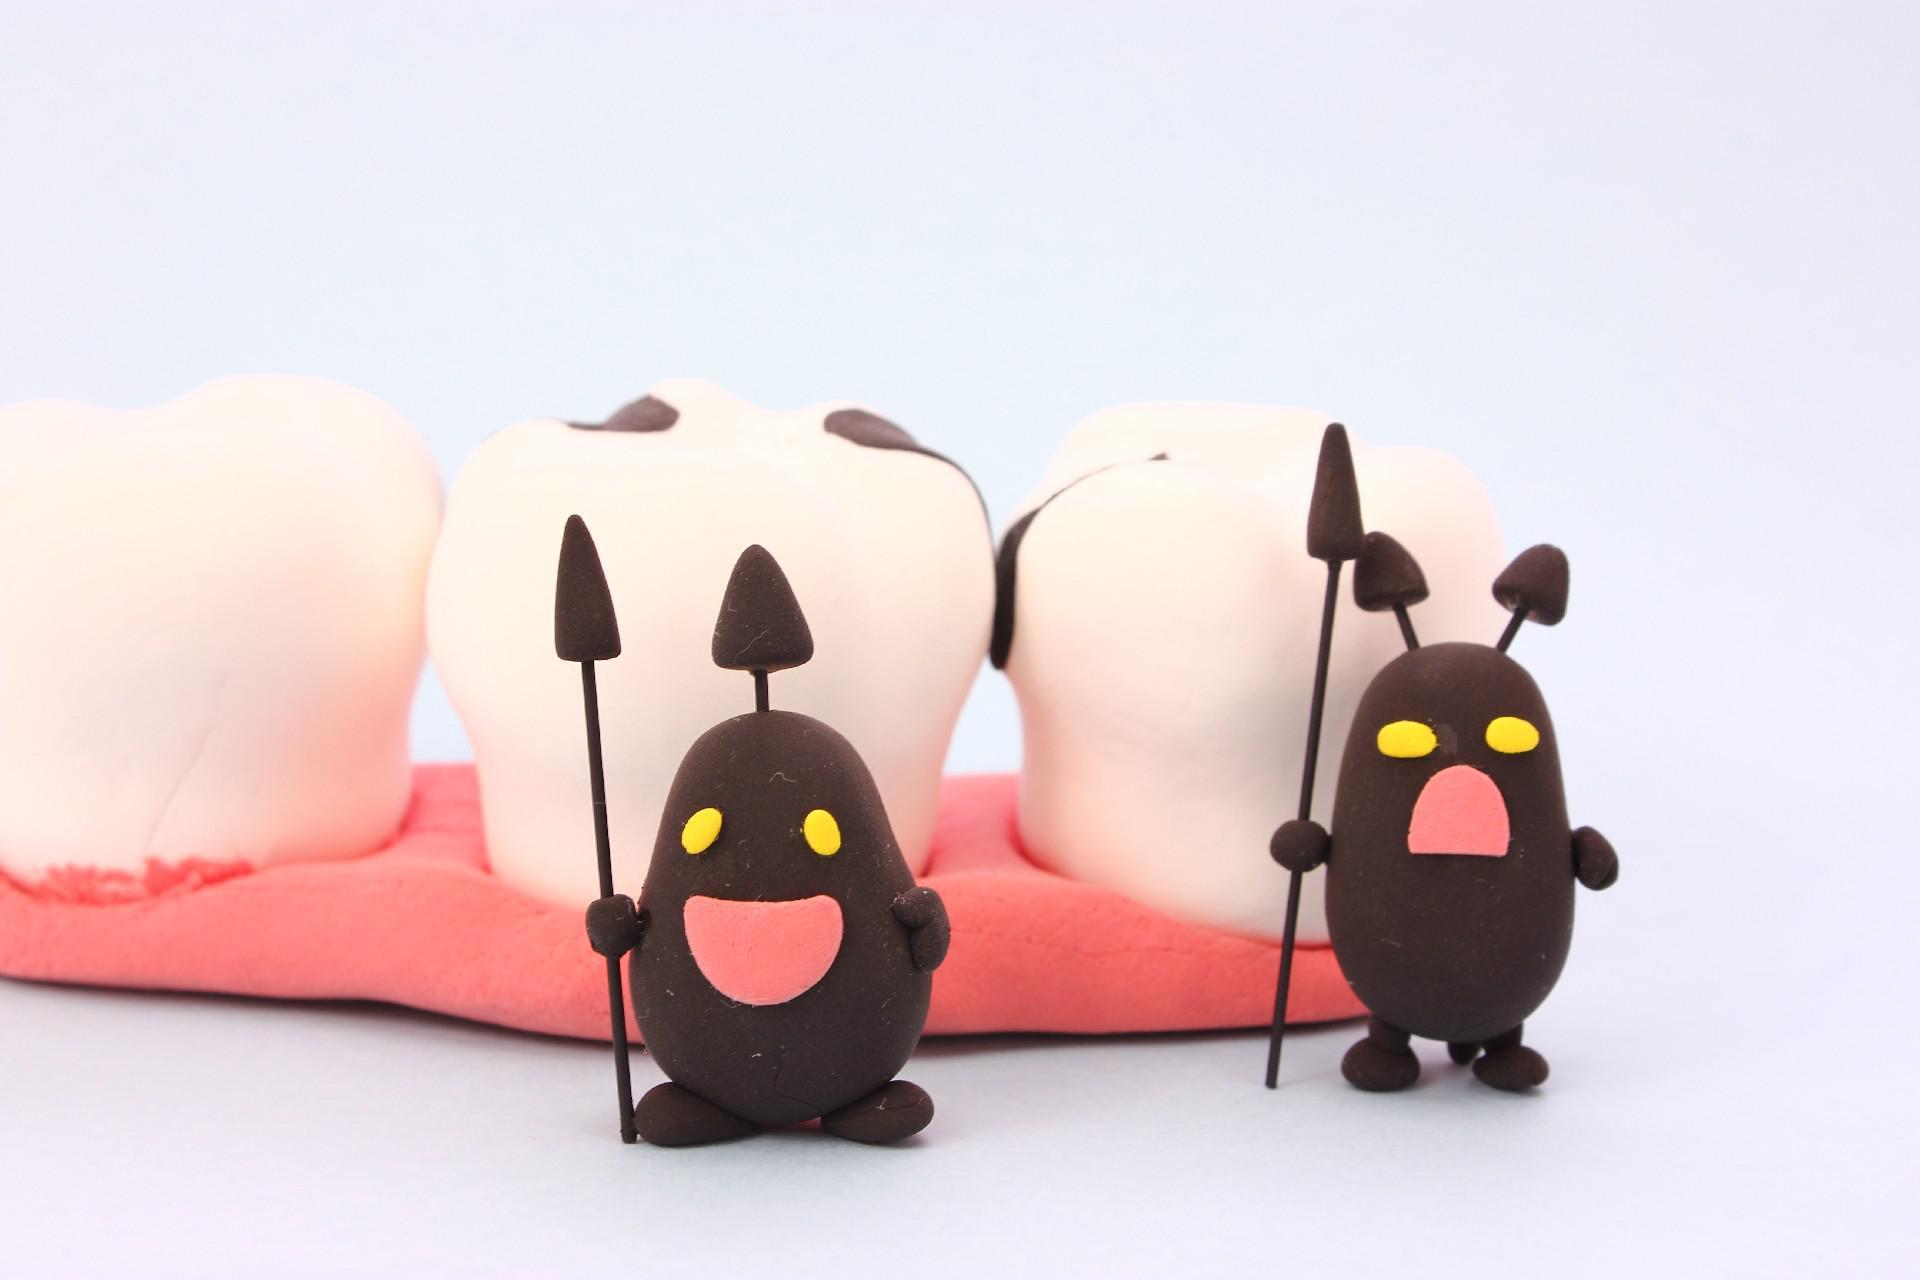 河内松原駅で評判の歯医者を知りたい!おすすめの歯医者5選